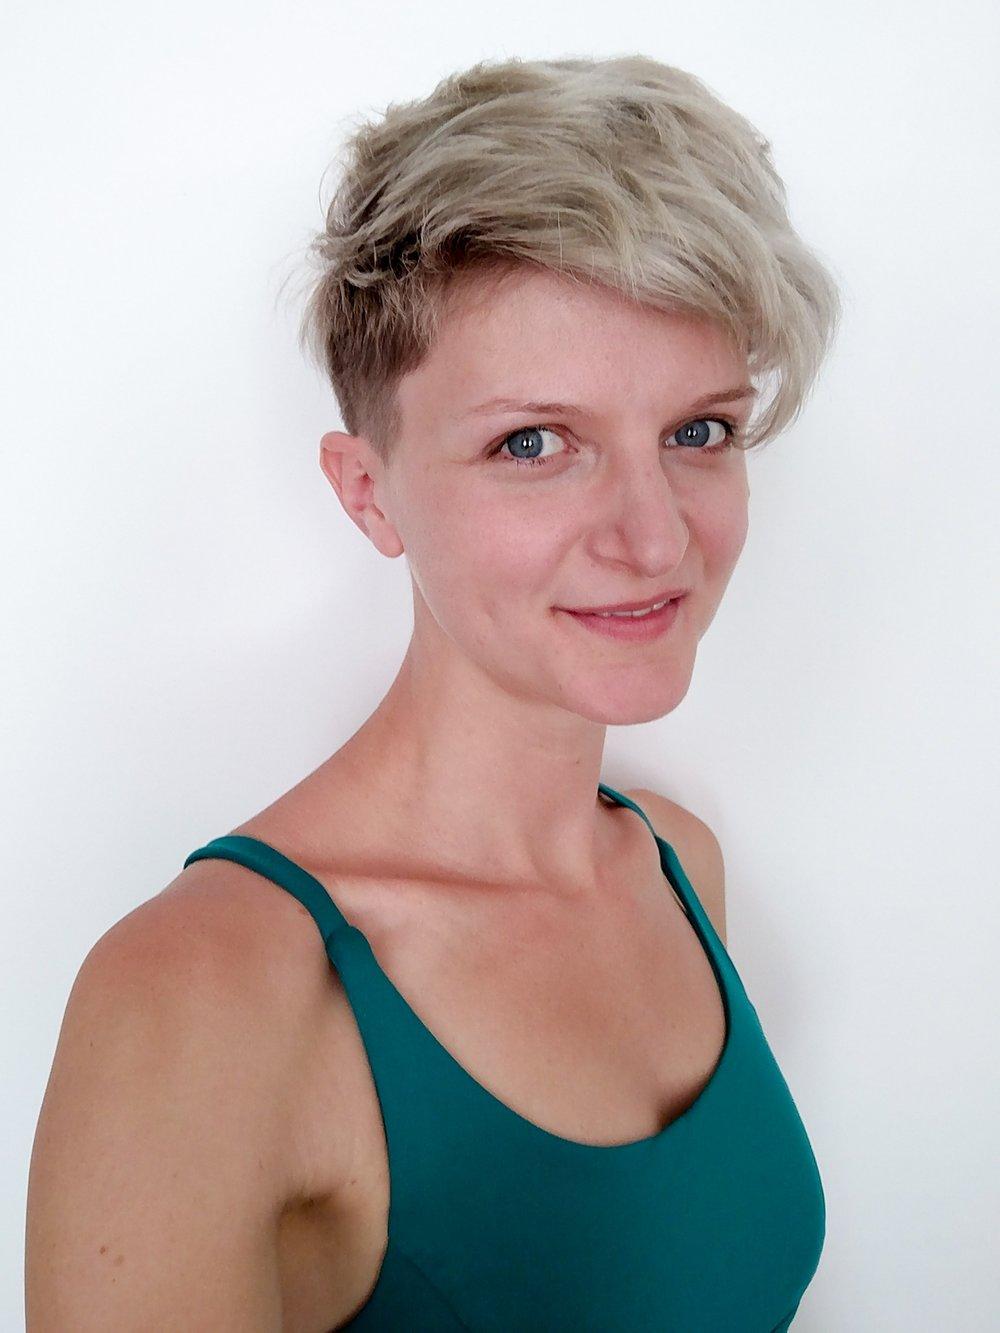 JuliaP_Portrait_072018.jpg